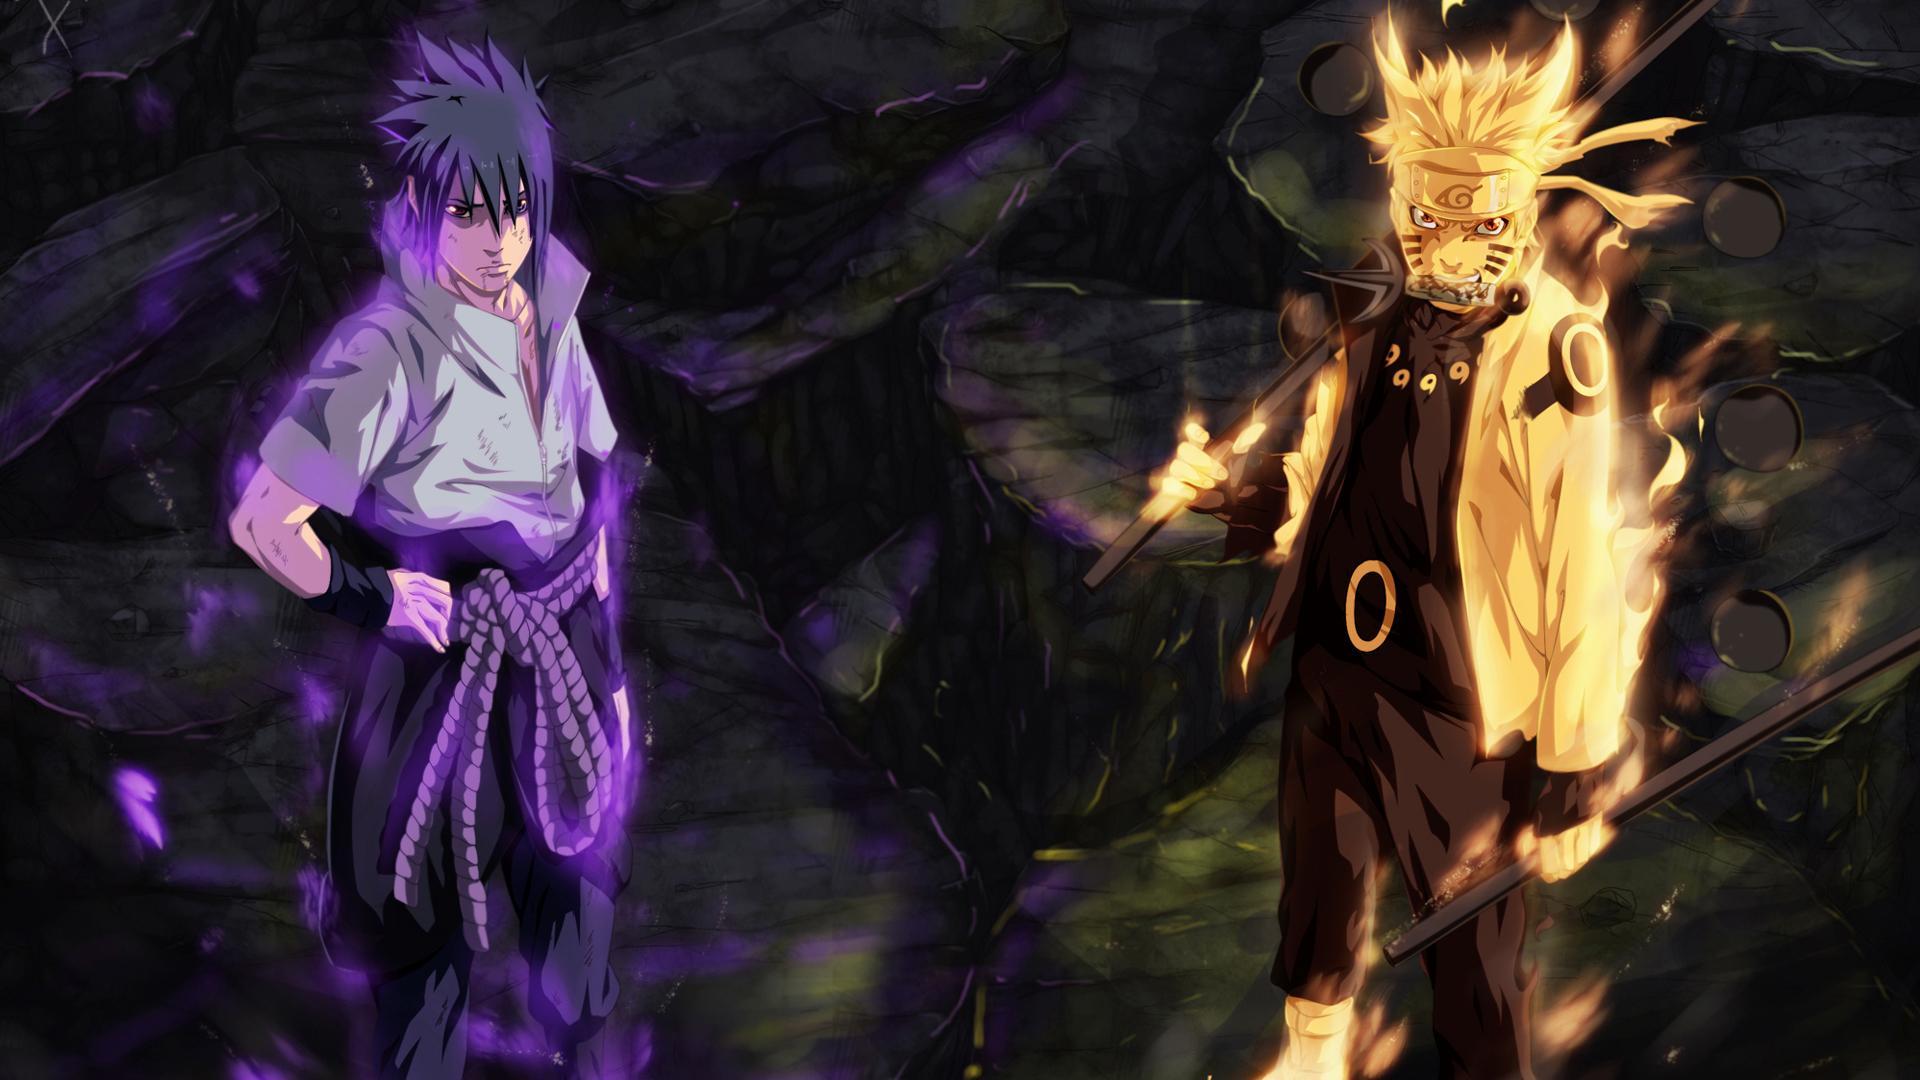 Naruto And Sasuke Desktop Wallpaper Naruto Sasuke